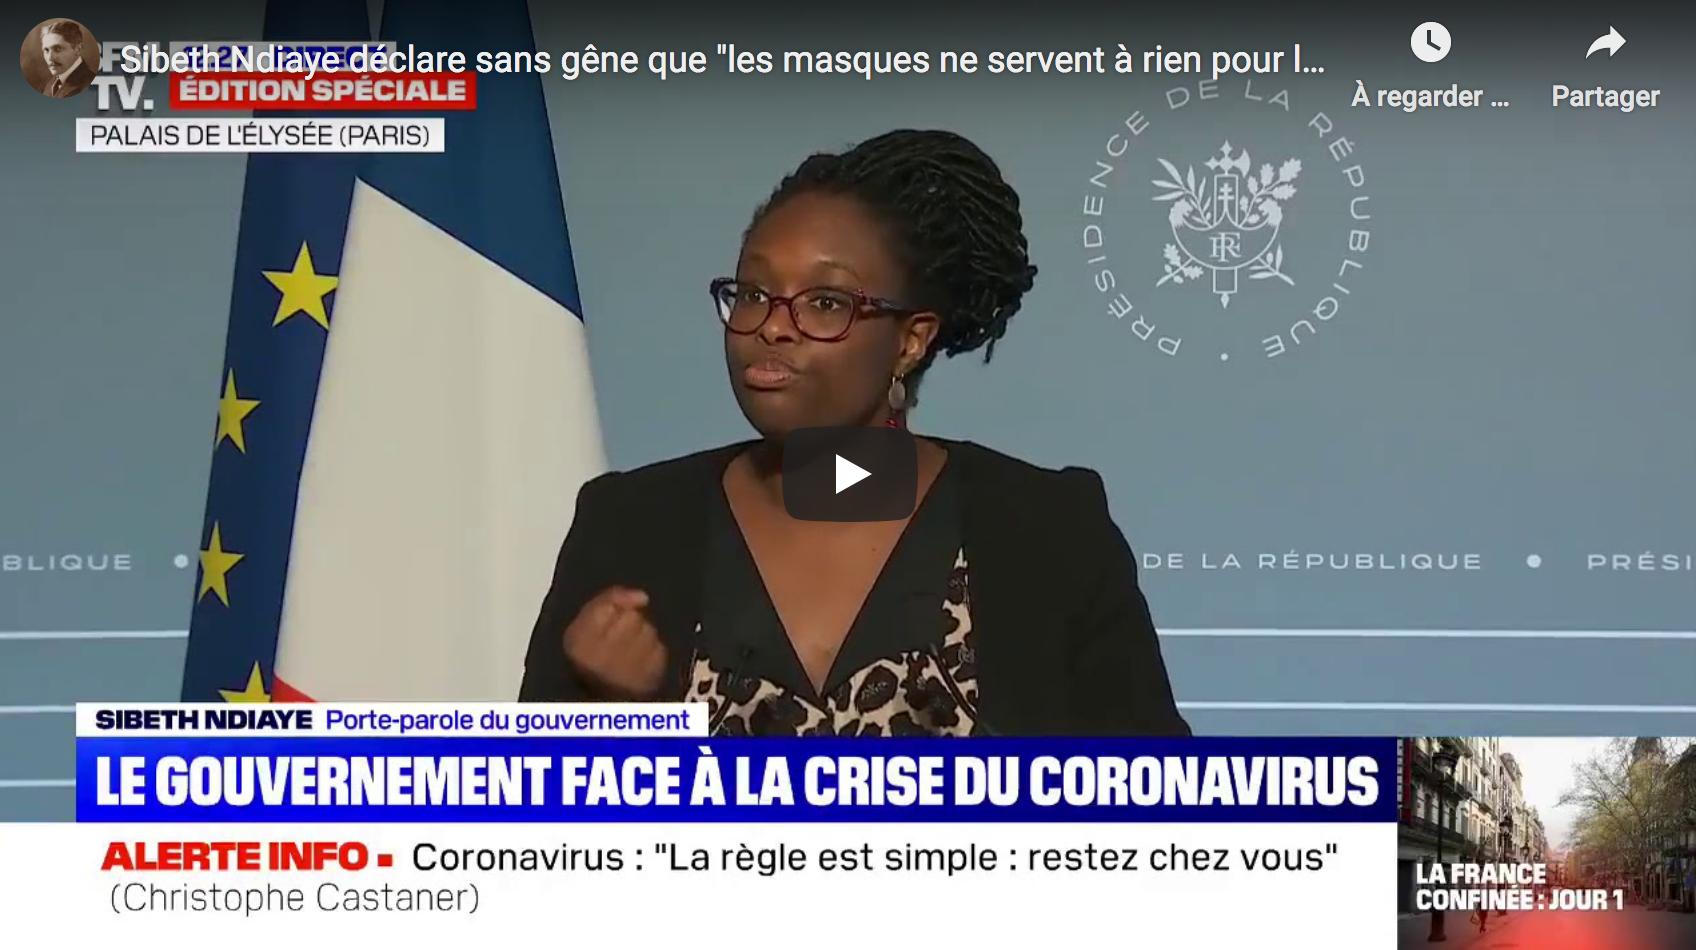 """Sibeth Ndiaye déclare sans gêne que """"les masques ne servent à rien pour les non-contaminés…"""" (VIDÉO)"""